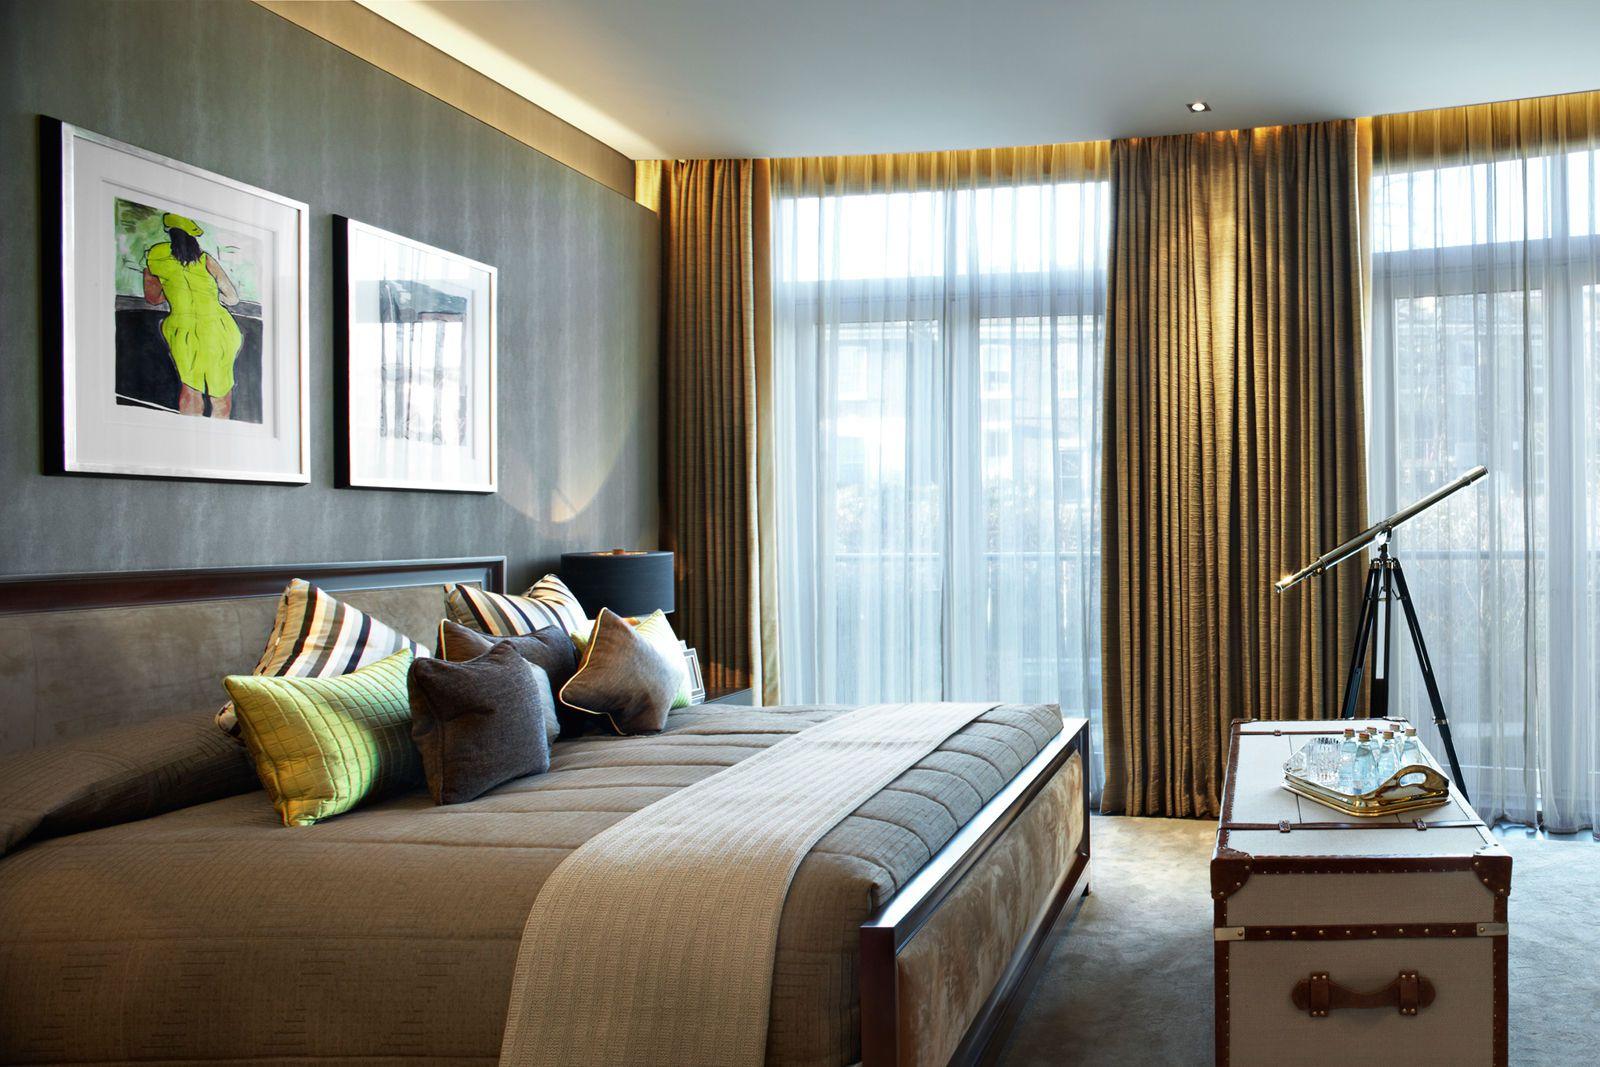 Residential interior designers interior design for Residential interior designers london